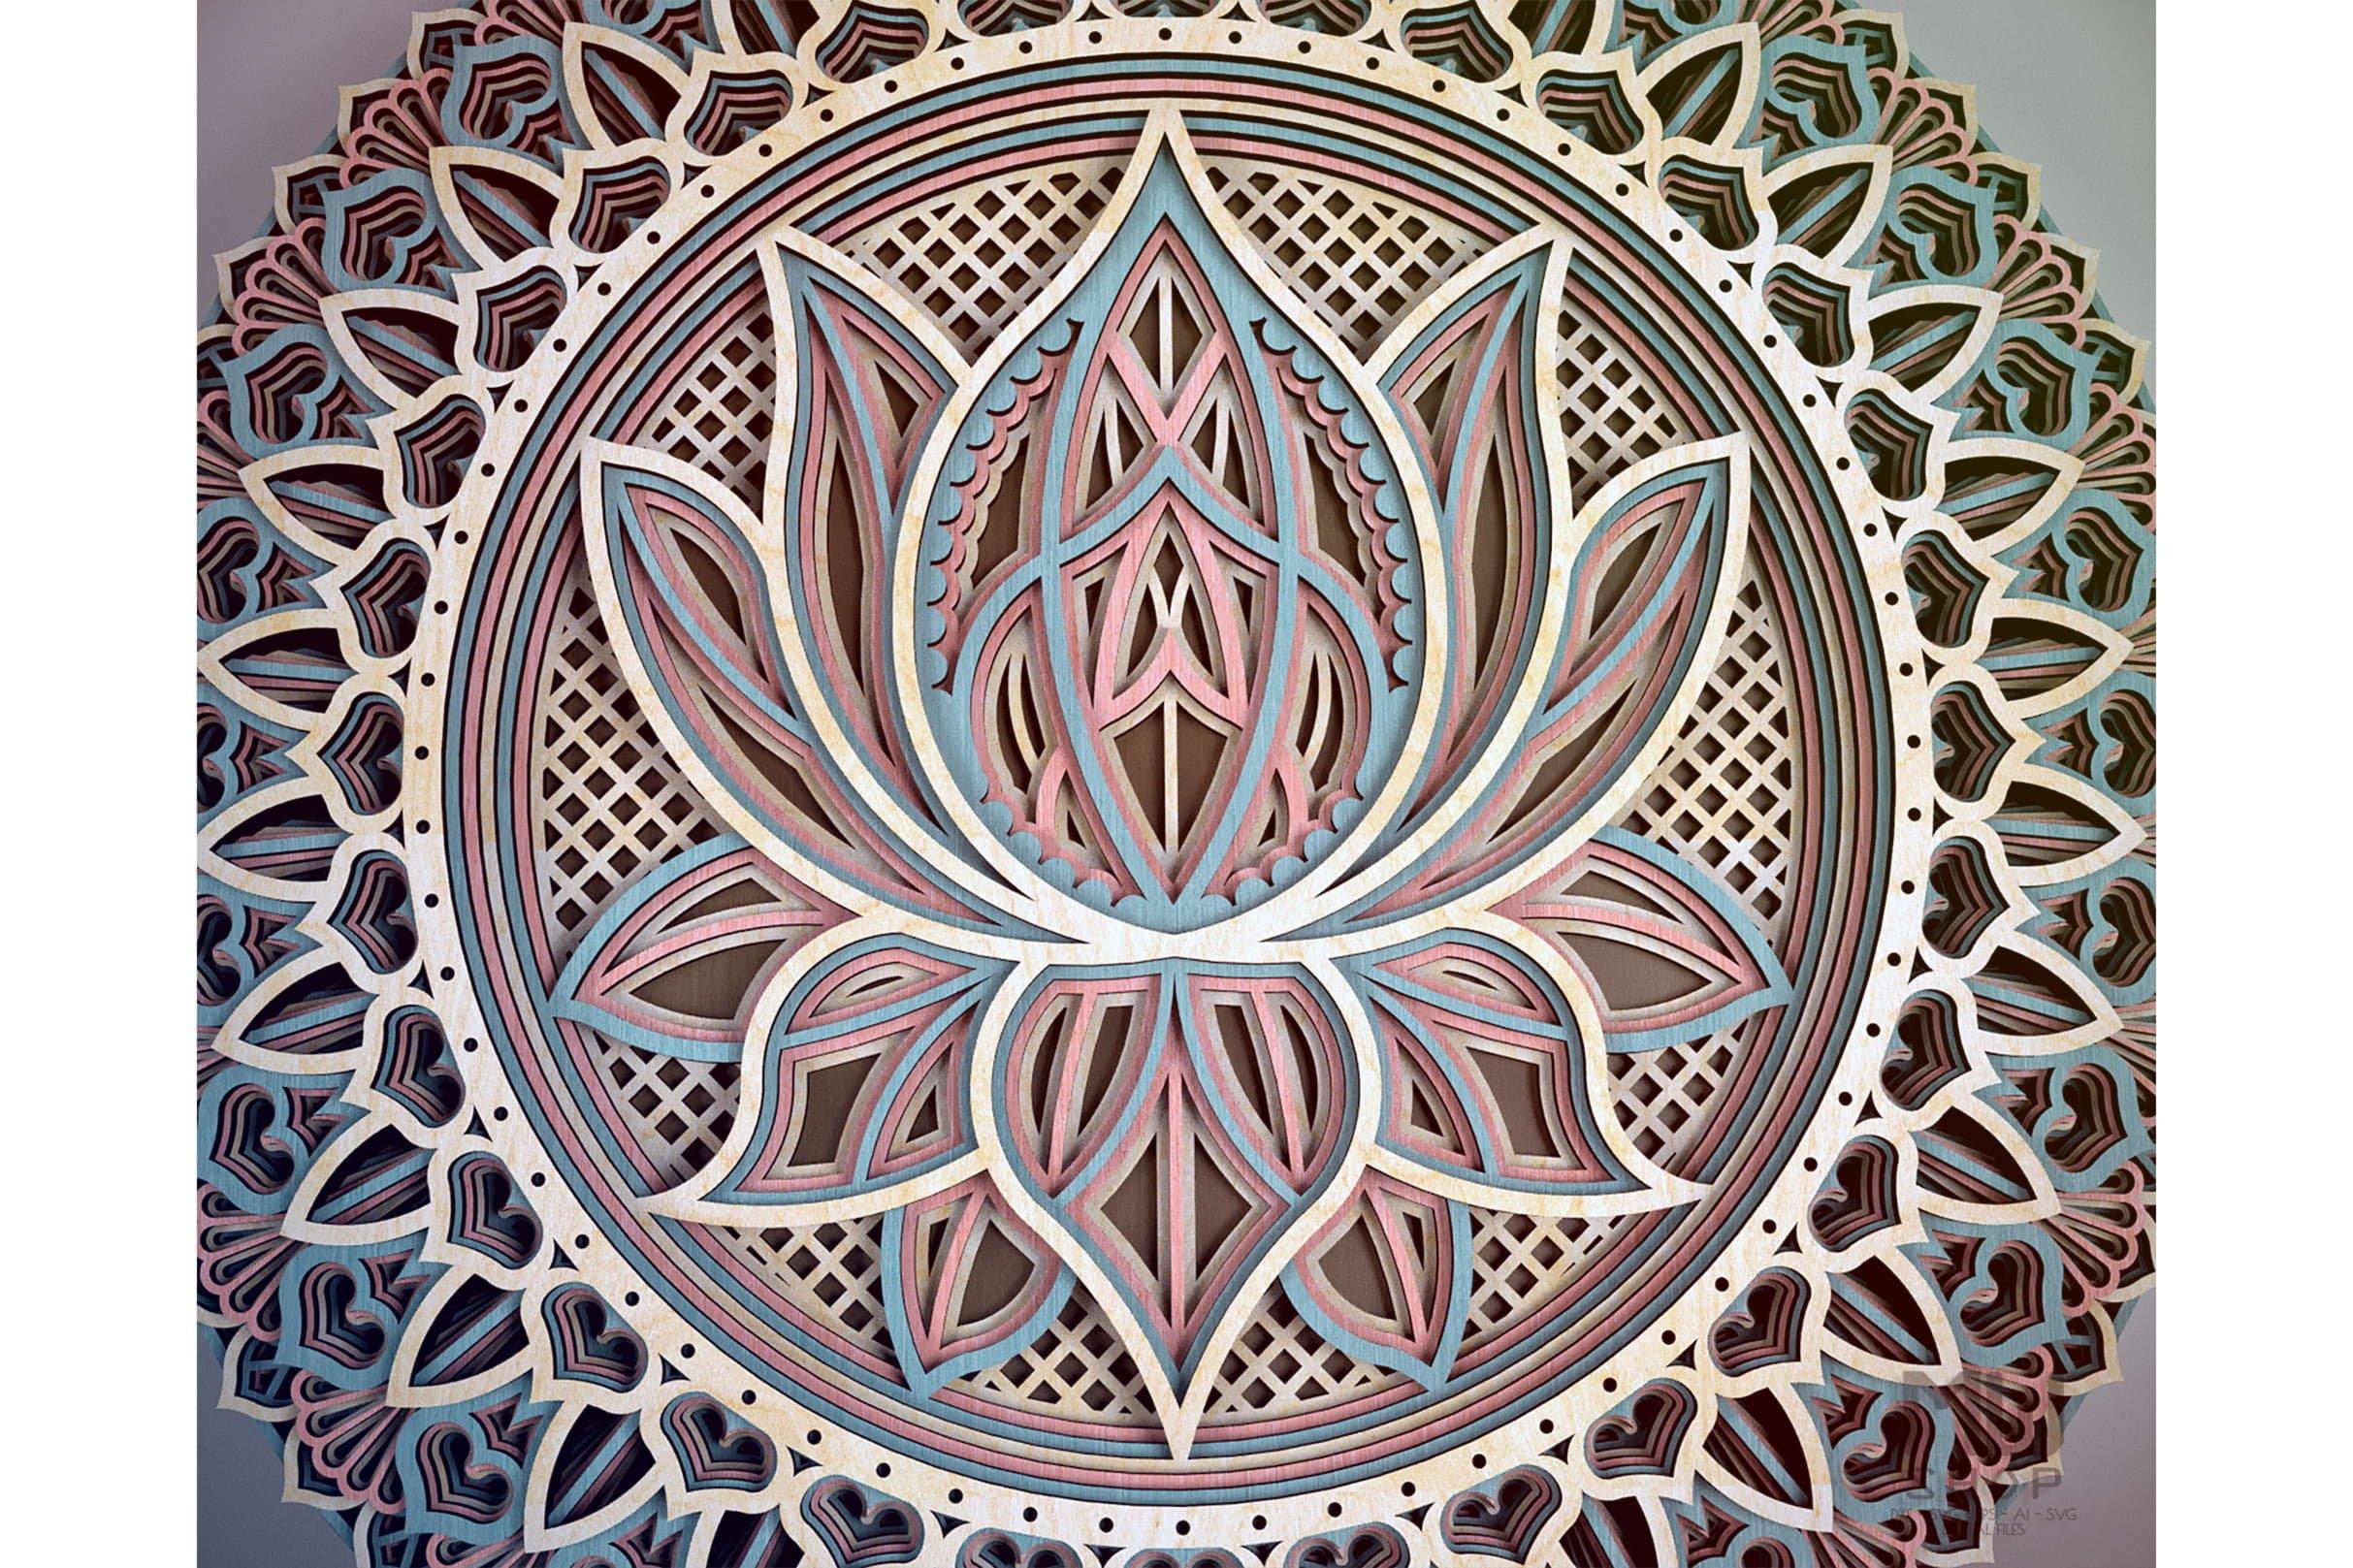 M12 Lotus Flower Mandala Pattern 578808 Laser Engraving Design Bundles